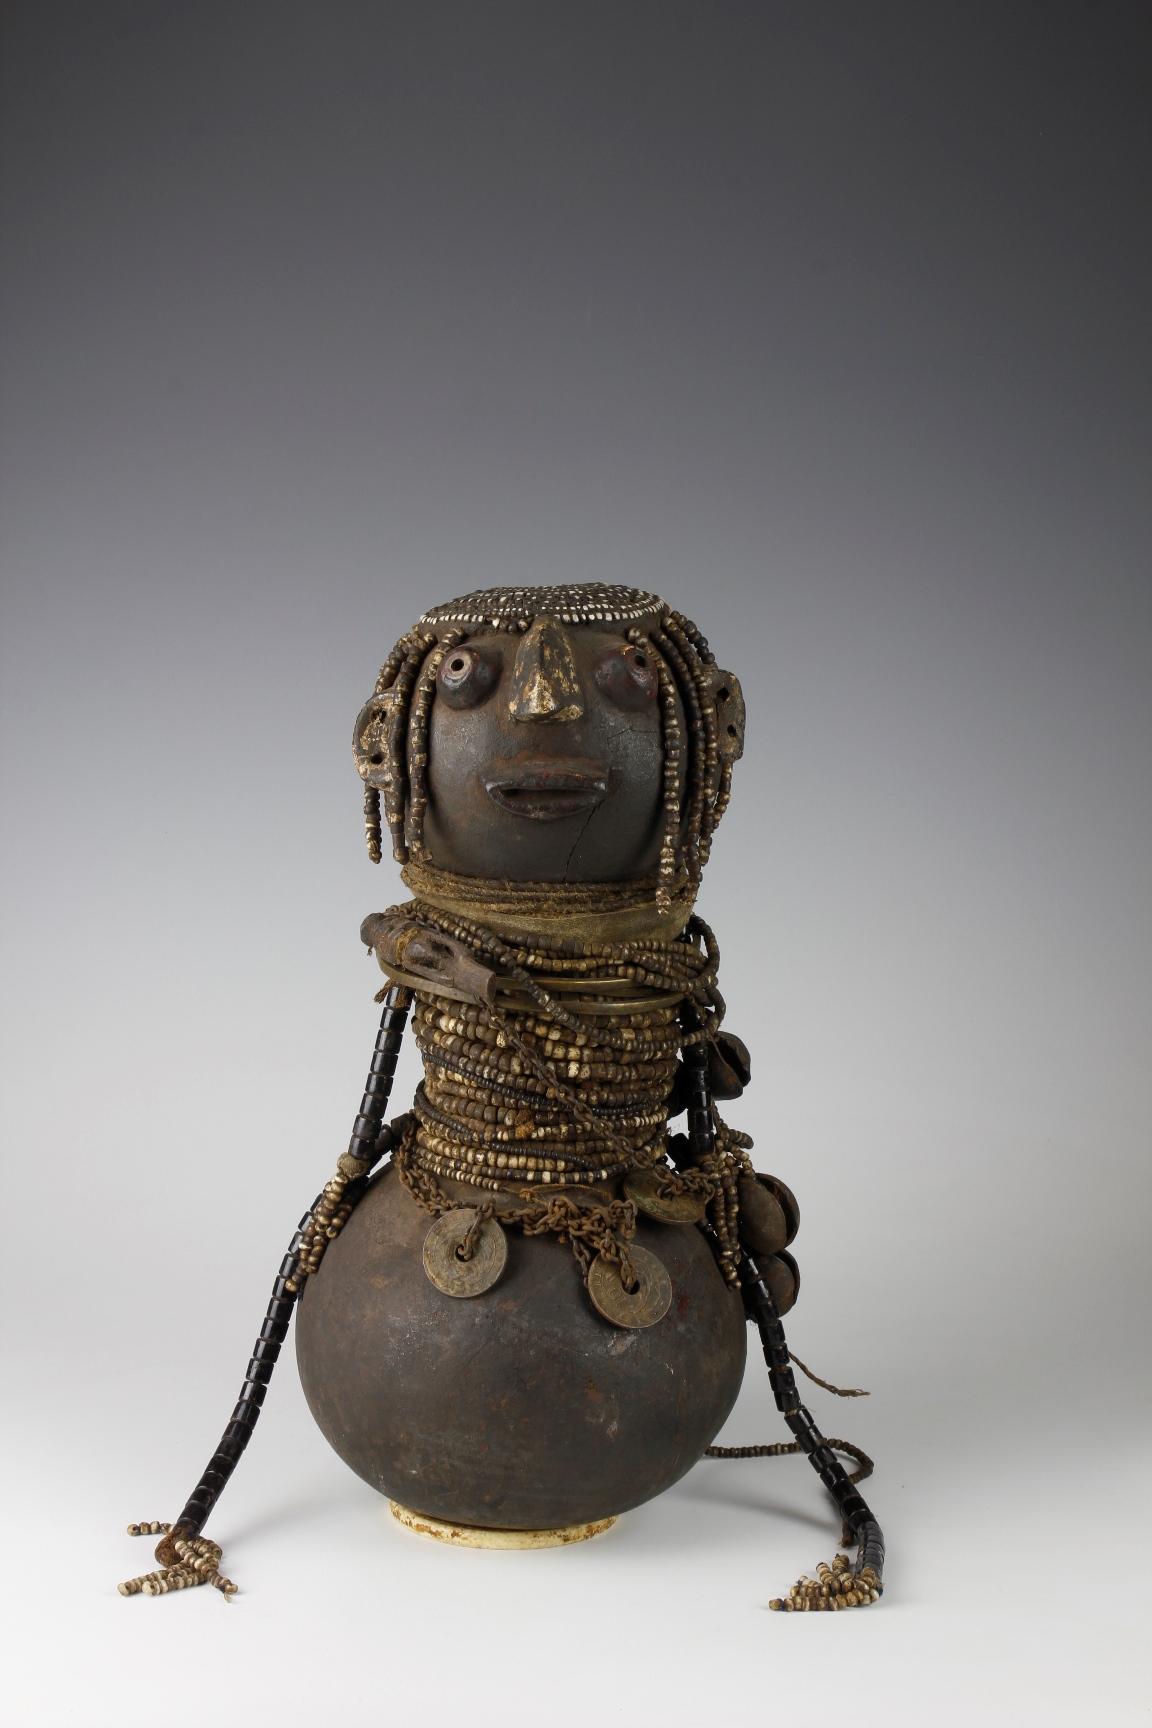 Calabash Doll